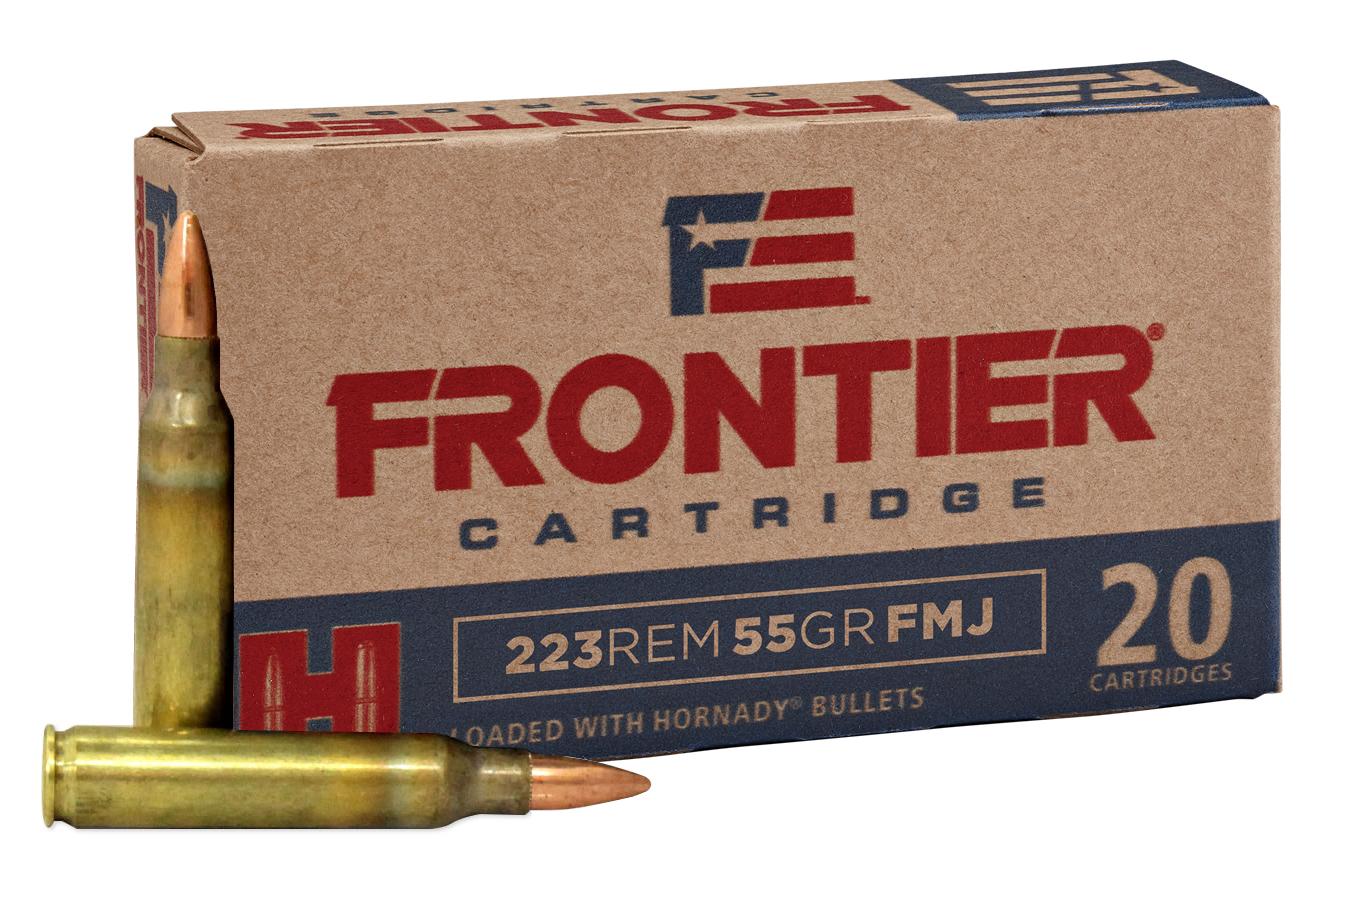 223 REM 55 GR FMJ FRONTIER